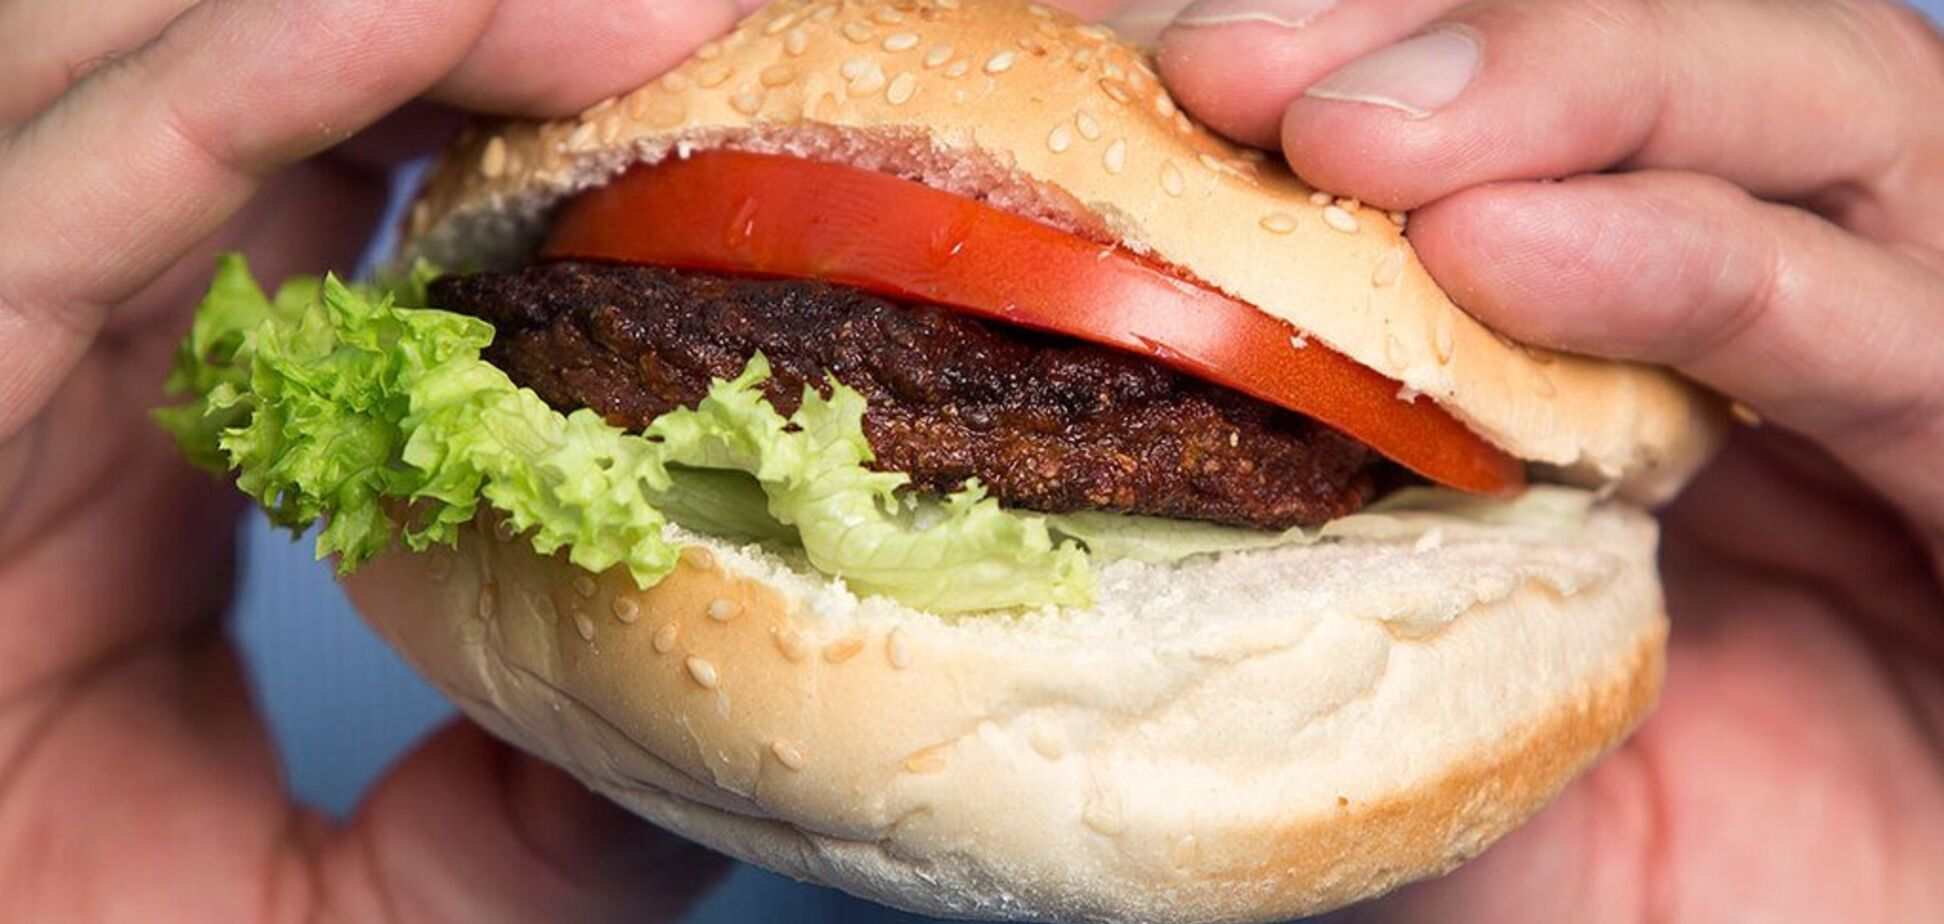 Человечеству грозит голод: предложена замена натуральному мясу